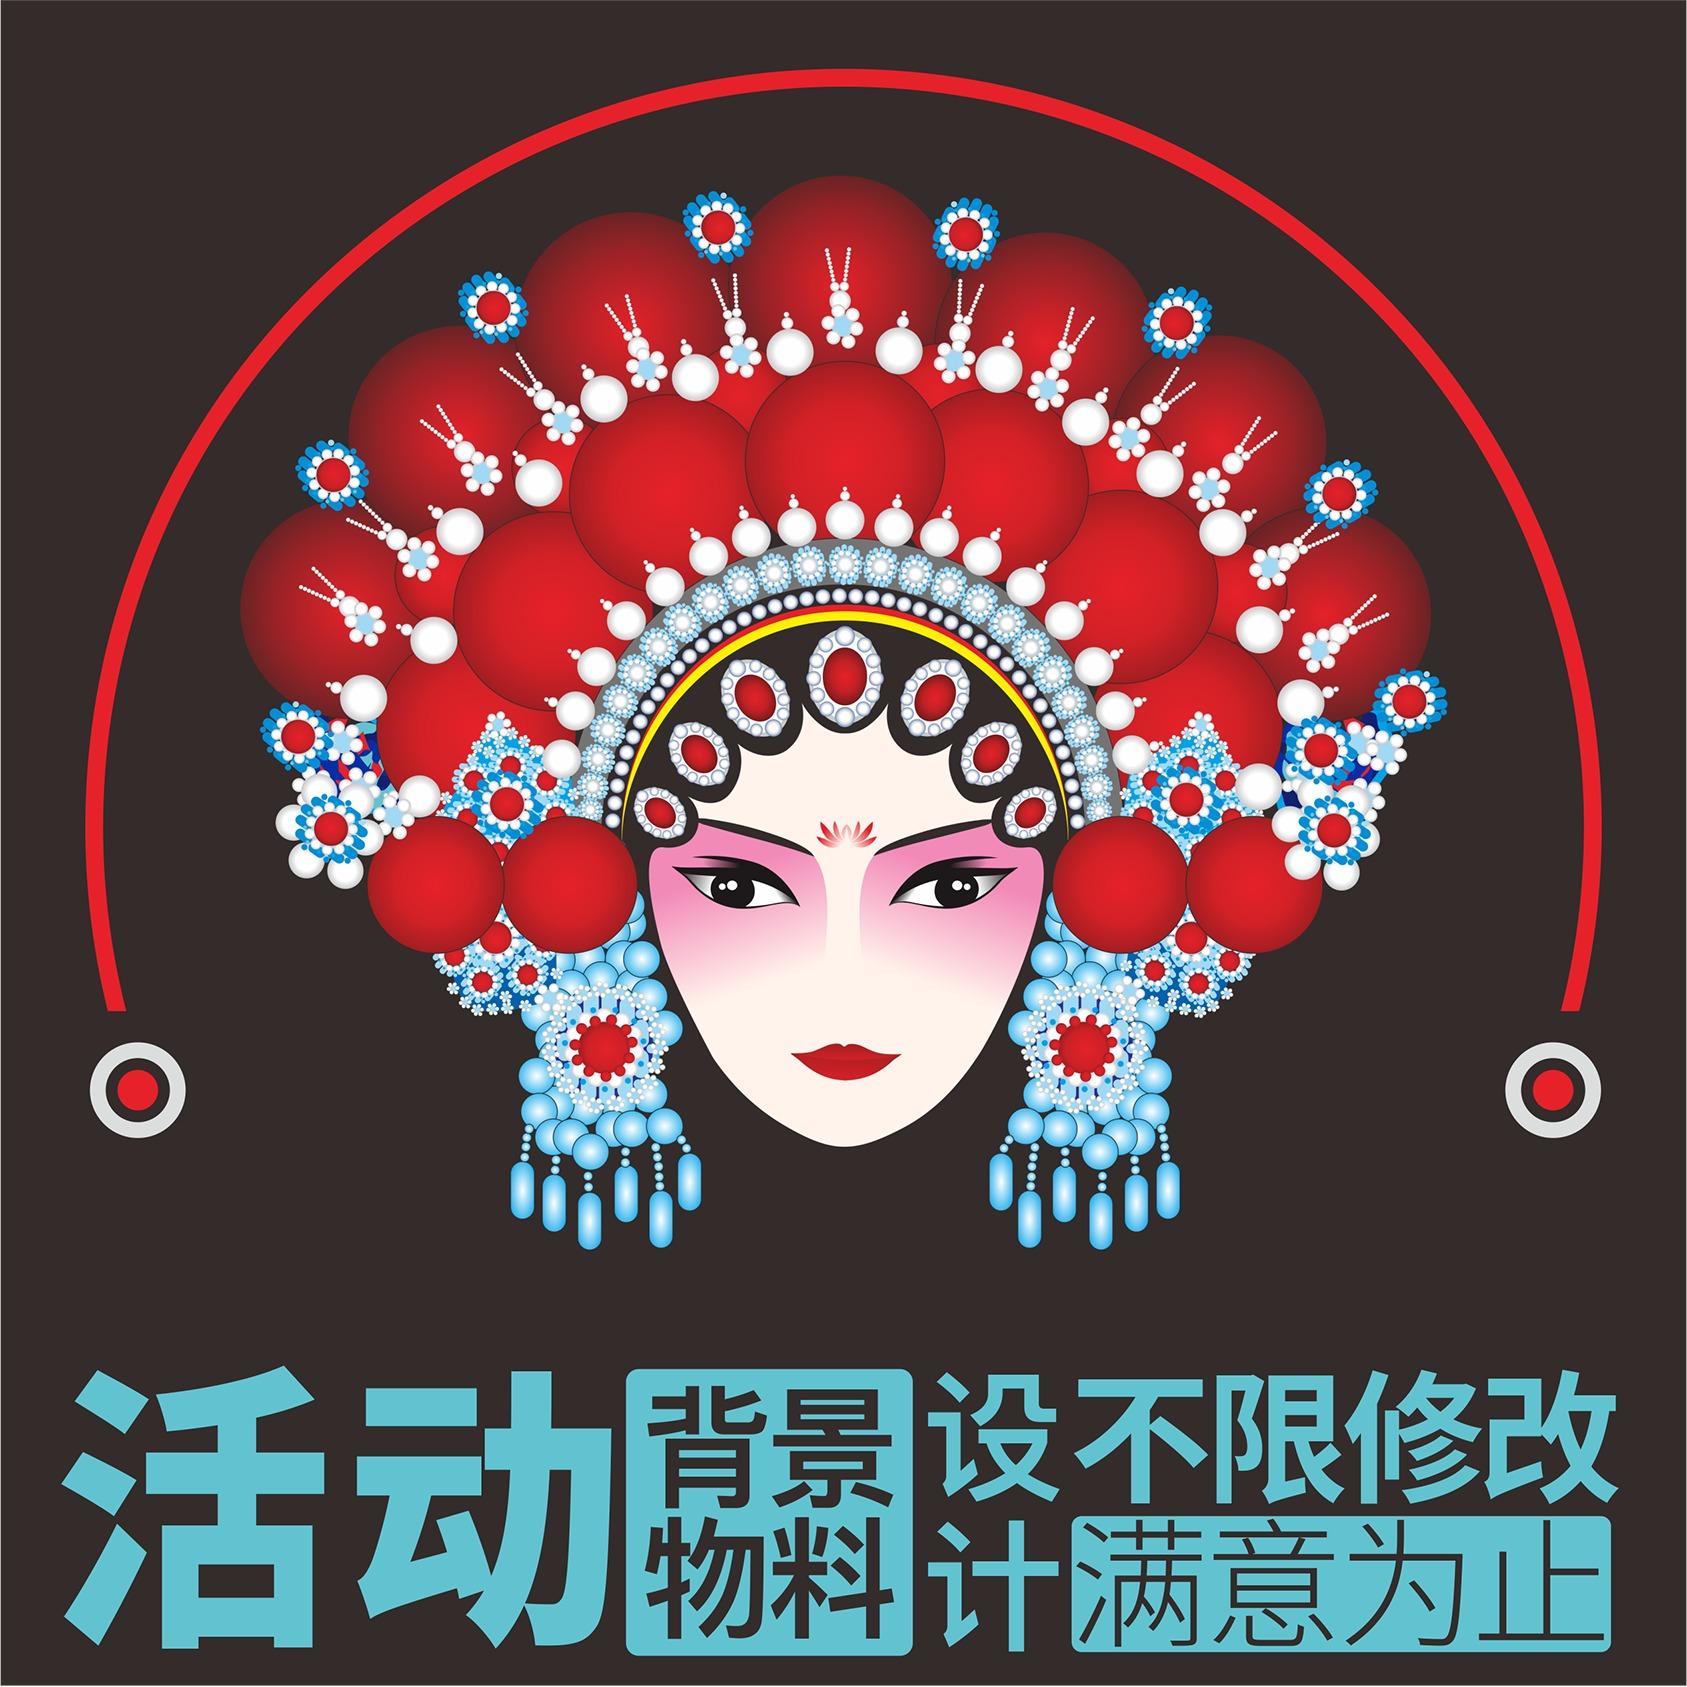 【活动设计】活动背景主KV设计活动宣传物料宣传册刀旗户外设计